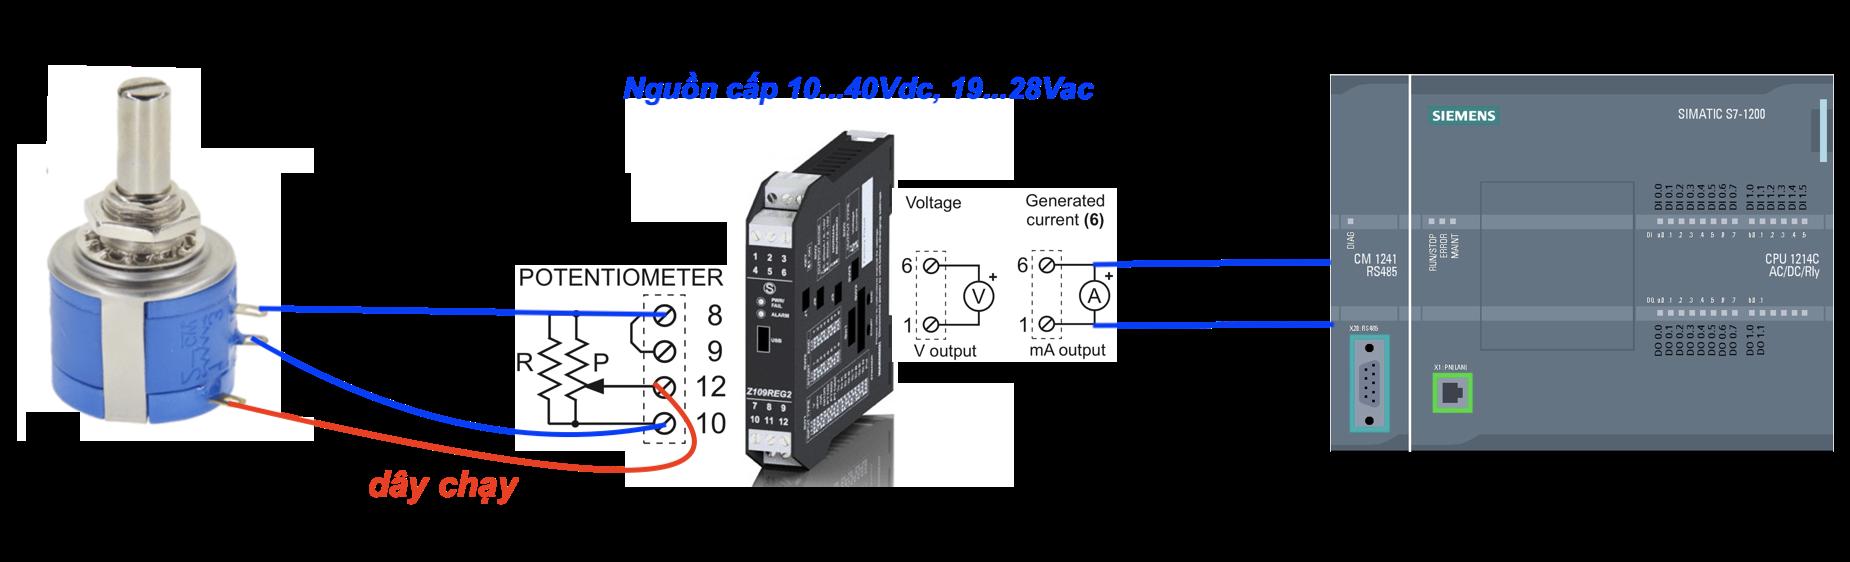 Biến trở được dùng để điều chỉnh tín hiệu 4-20mA hoặc 0-10V